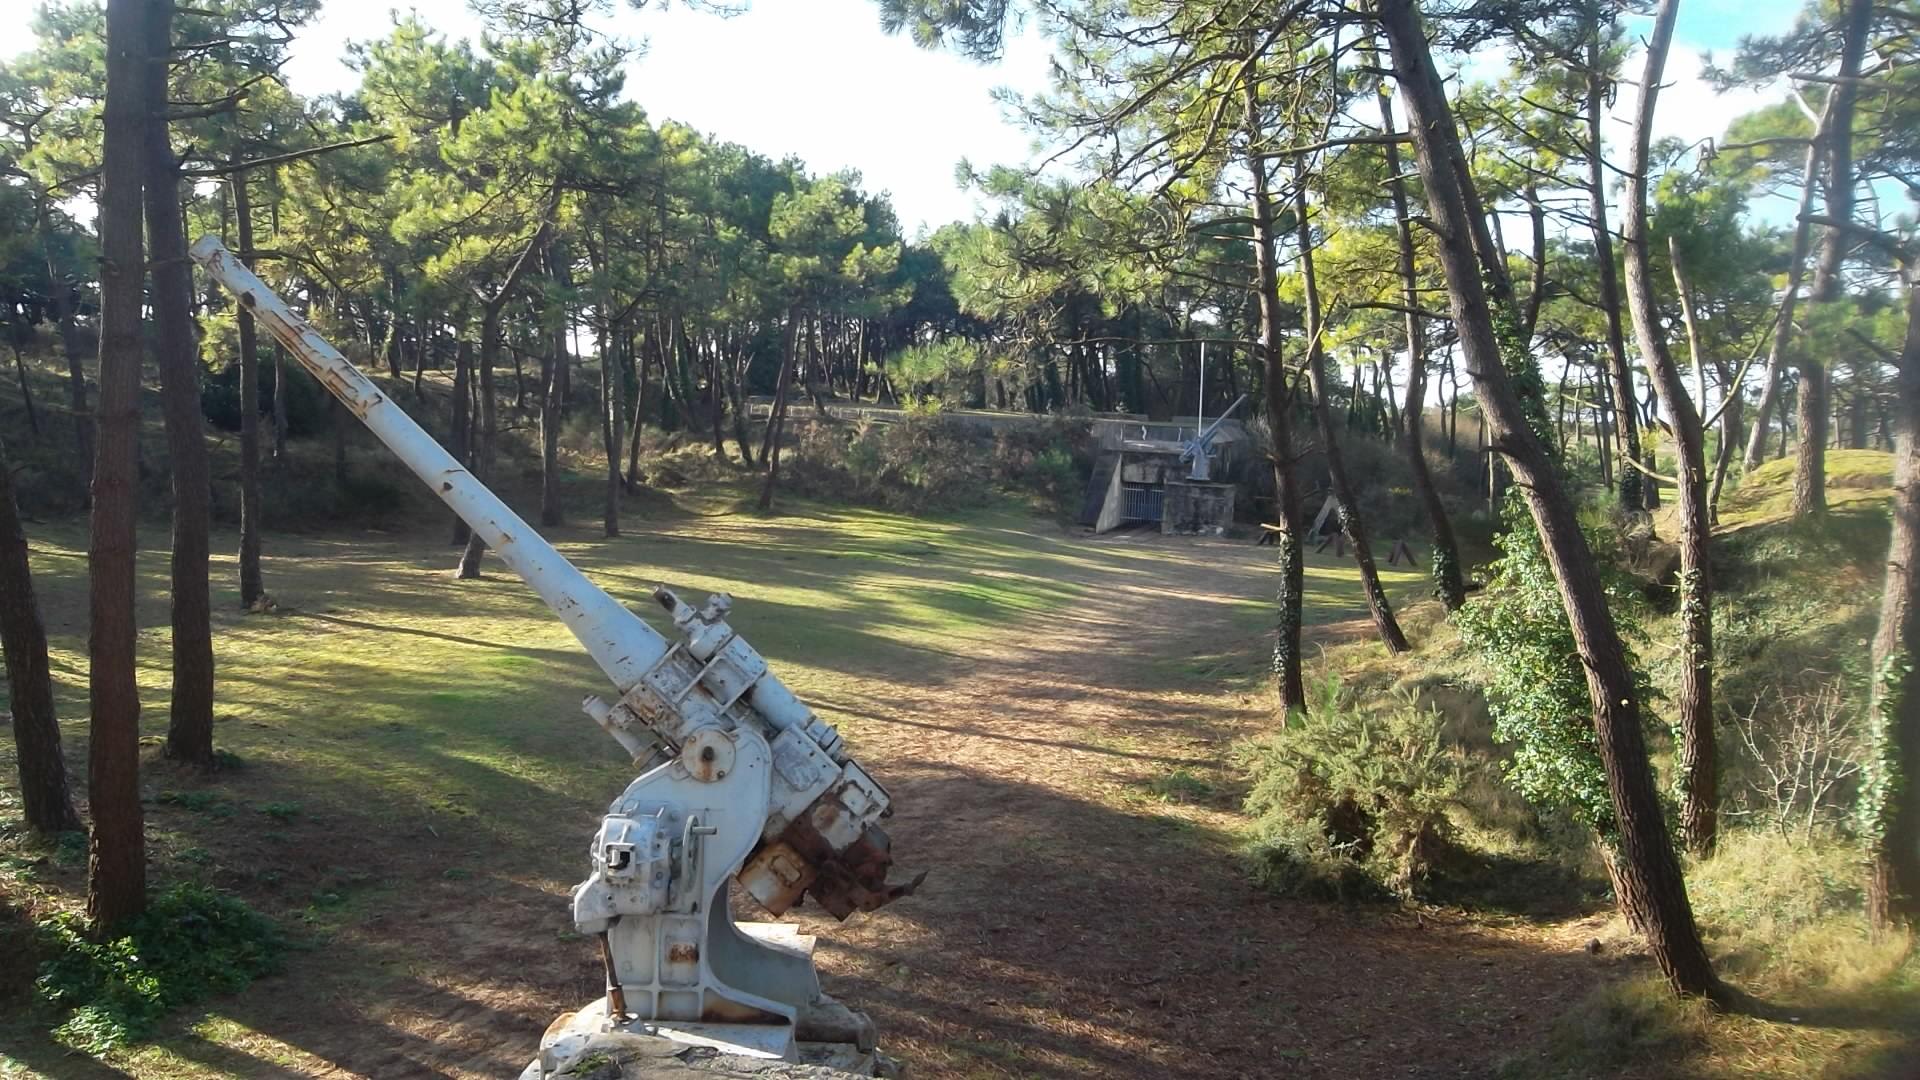 Plouharnel bunker gun turret of WWII mus jan14